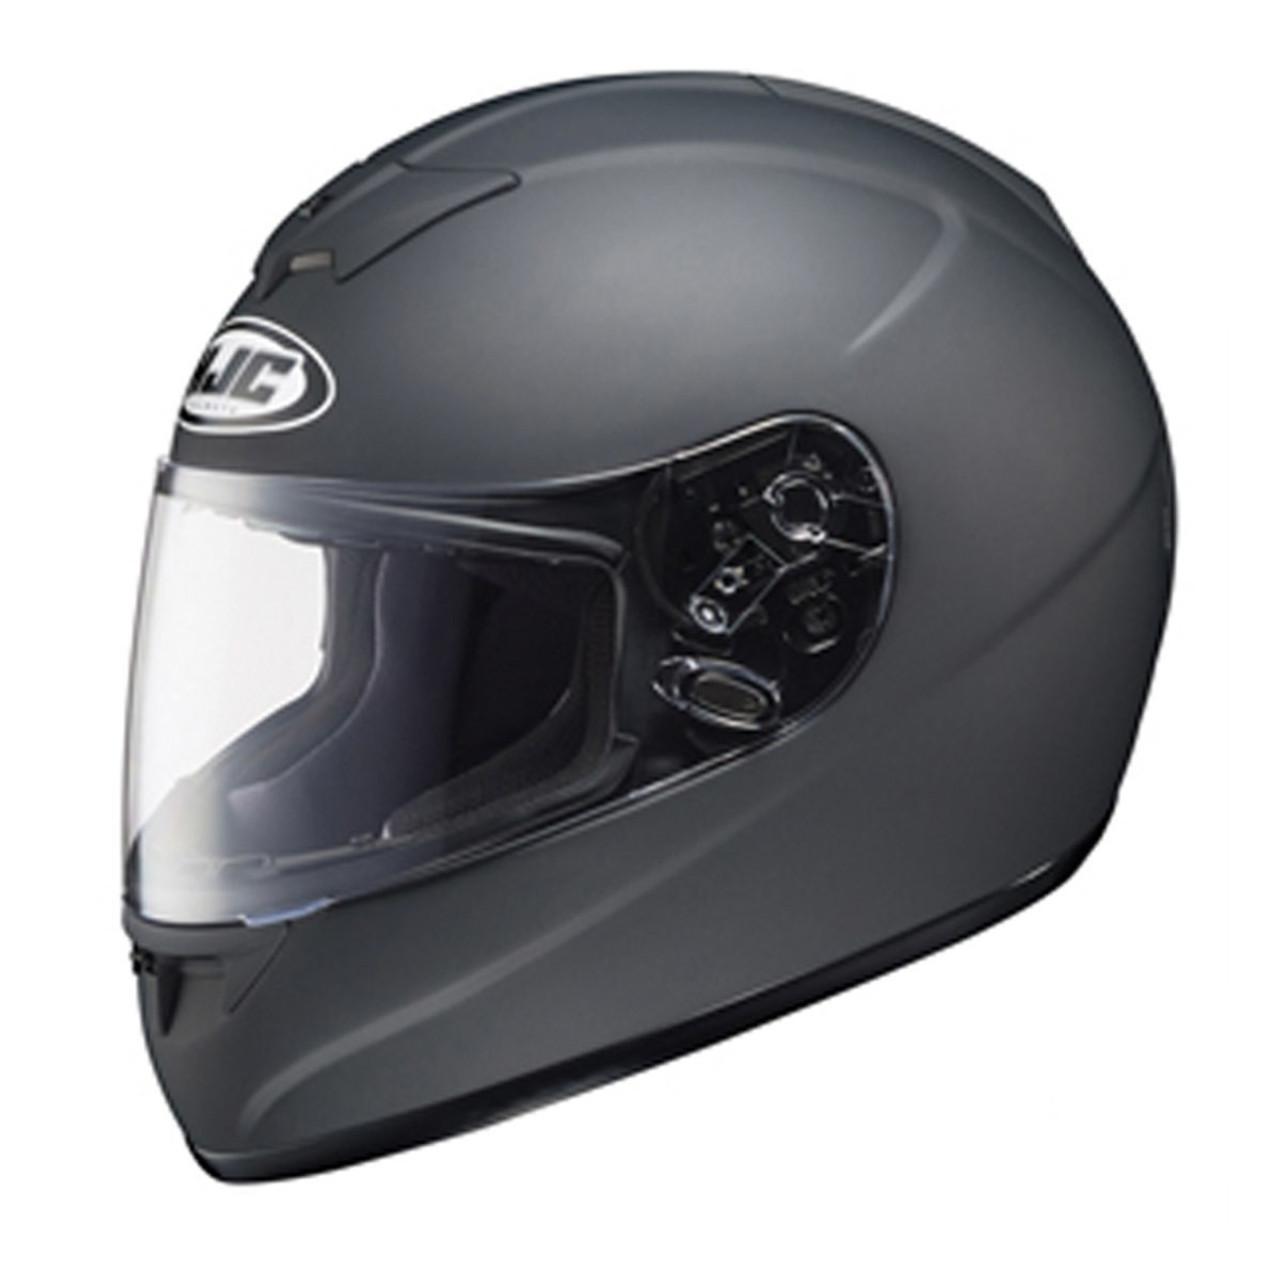 New HJC Silver Shield Visor for FS-10 FS-15 CL-16 IS-16 FG-15 FS-11 Helmet